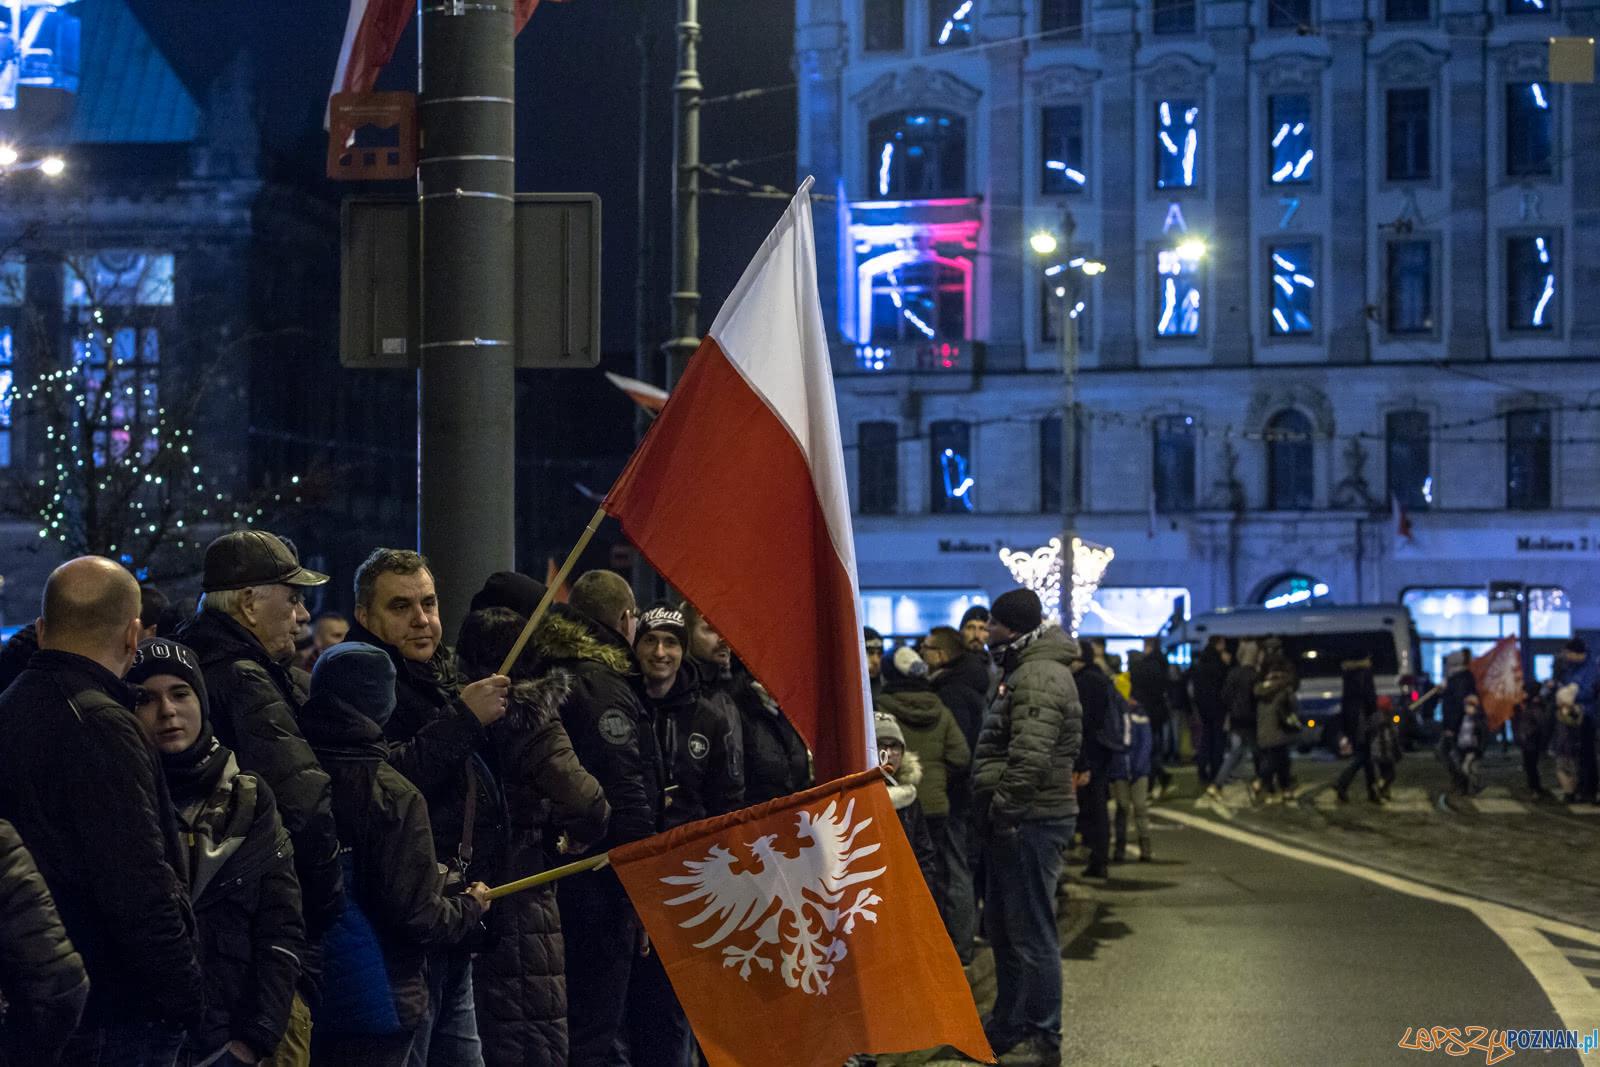 100 lat wybuchu Powstania wielkopolskiego  Foto: lepszyPOZNAN.pl/Piotr Rychter